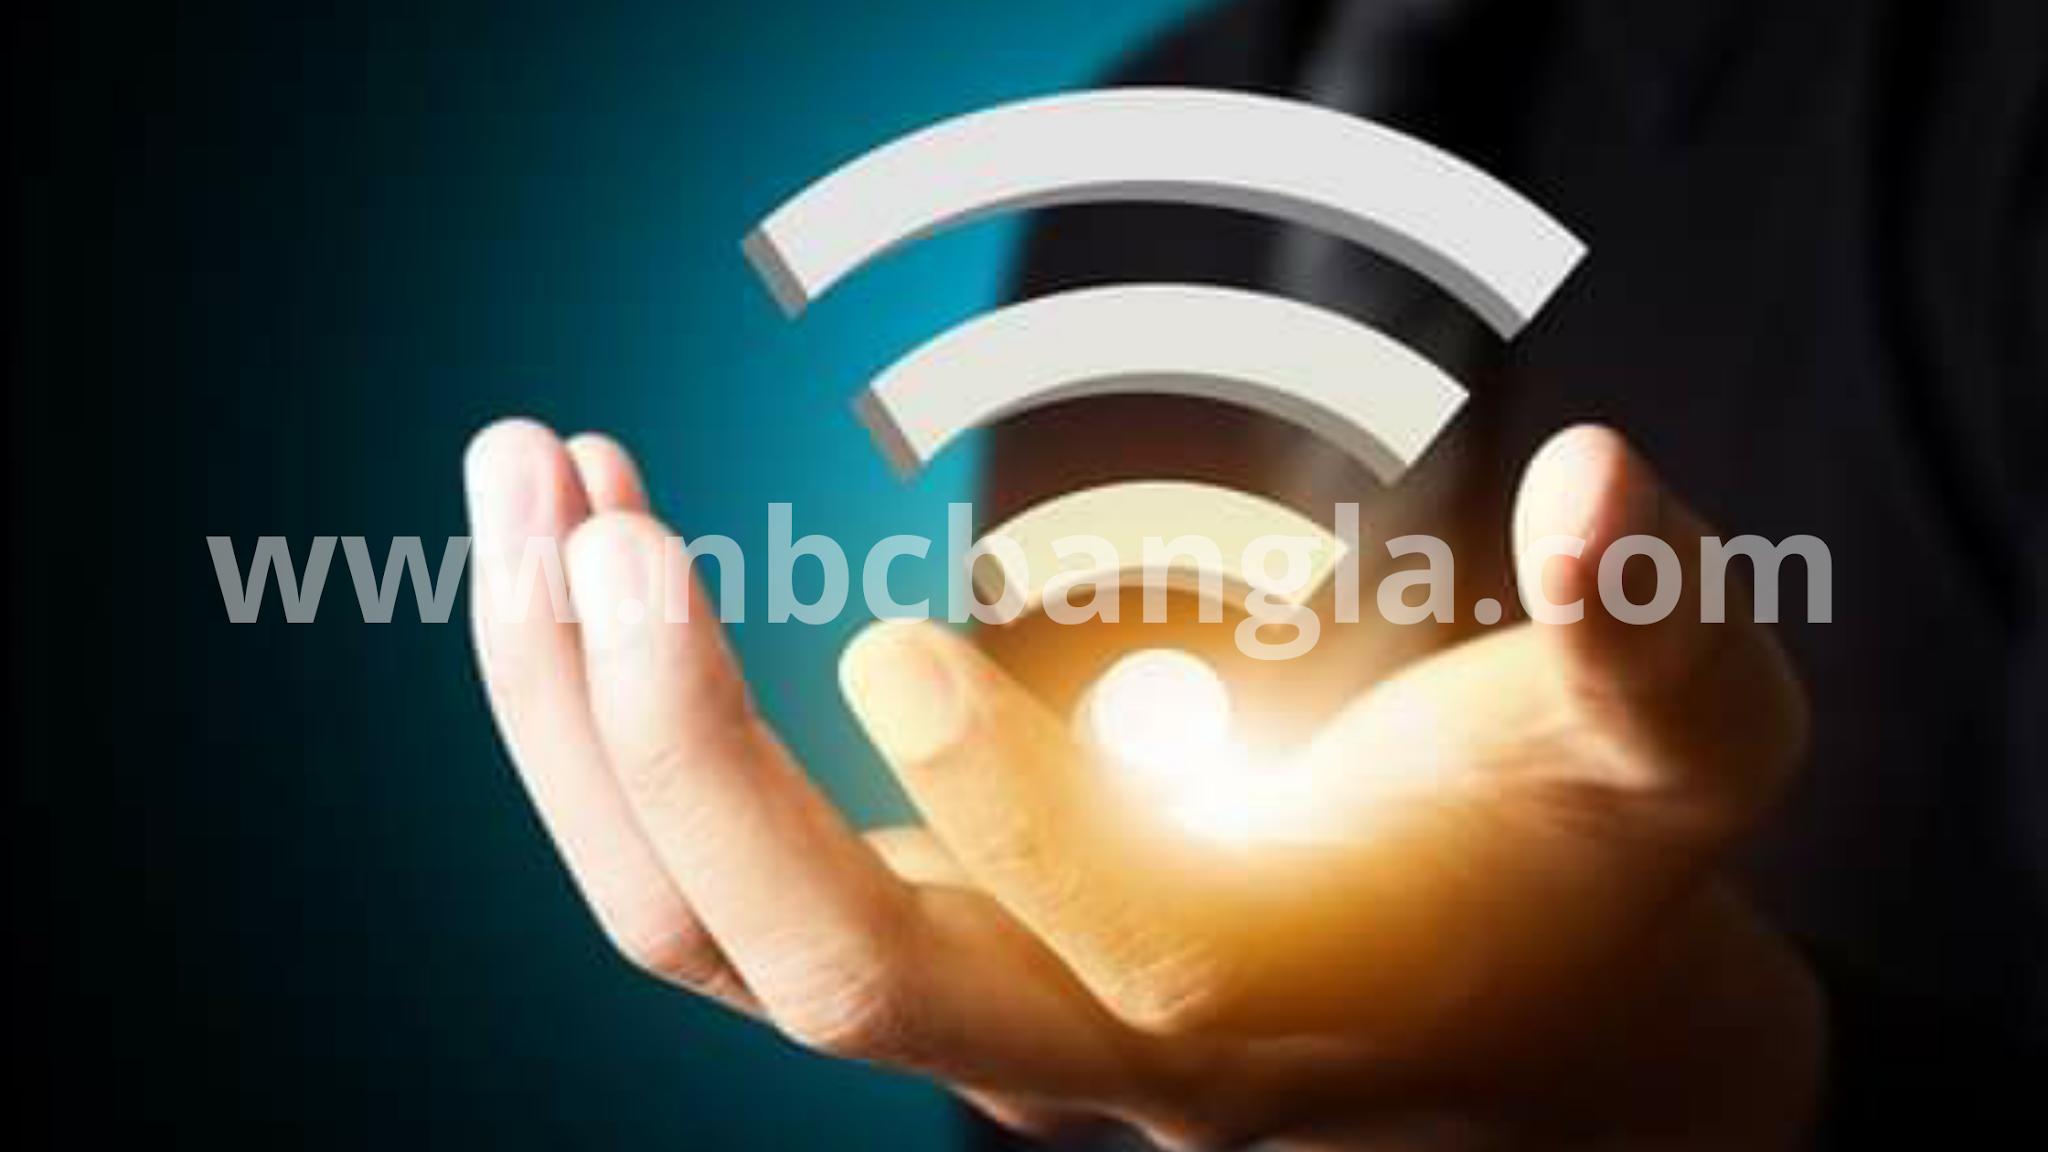 ল্যাপটপে কানেক্টেড wifi password কি করে জানবেন,wifi password,how to find wifi password,how to find your wifi password on your laptop,how to connect wifi without password in laptop,how to see wifi password,how to find your wifi password,how to know wifi password using cmd windows 10,how to connect wifi without password,password,wifi,how to find wifi password on computer windows 10,how to,how to find you wifi password,how to connect to wifi without knowing the password in laptop,how to find wifi password on computer,how to hack wifi password,How to know wifi password connected to laptop